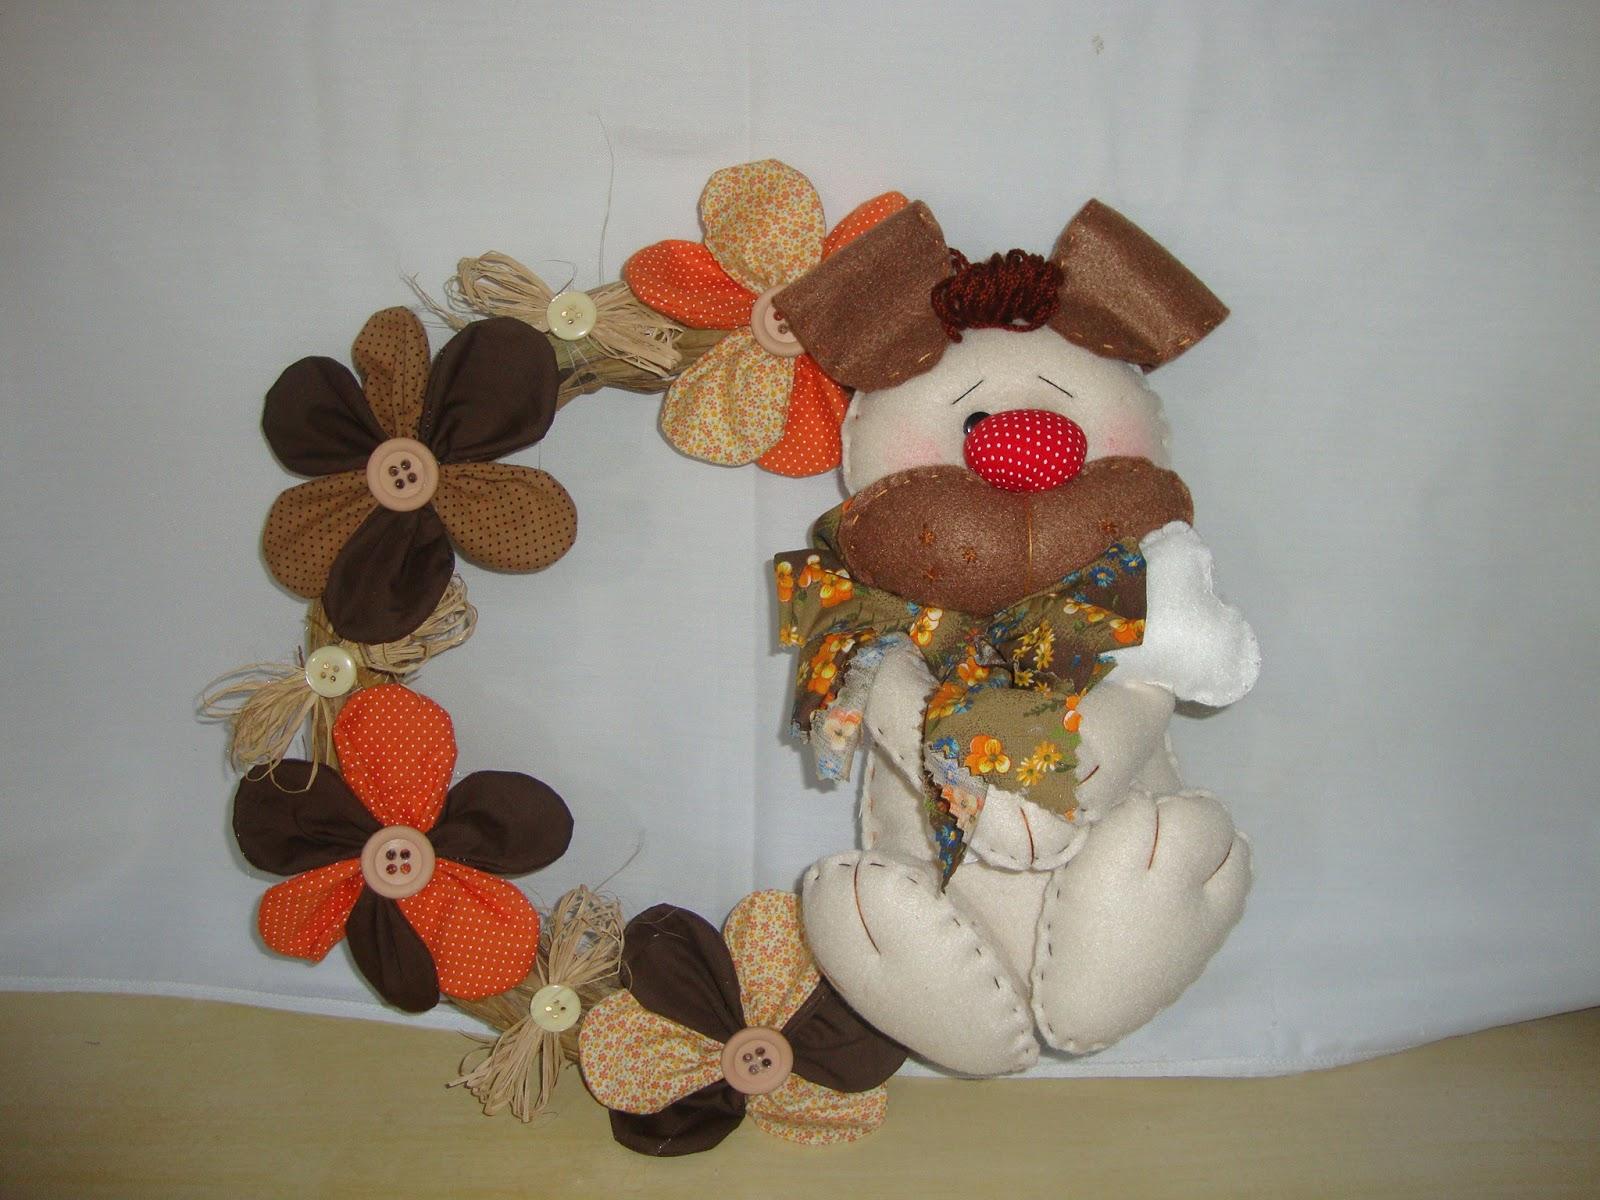 Armario Salon Segunda Mano ~ Artesanato da Lili Bonecas, almofada de coruja, gatos, guirlandas e enfeites de tecido